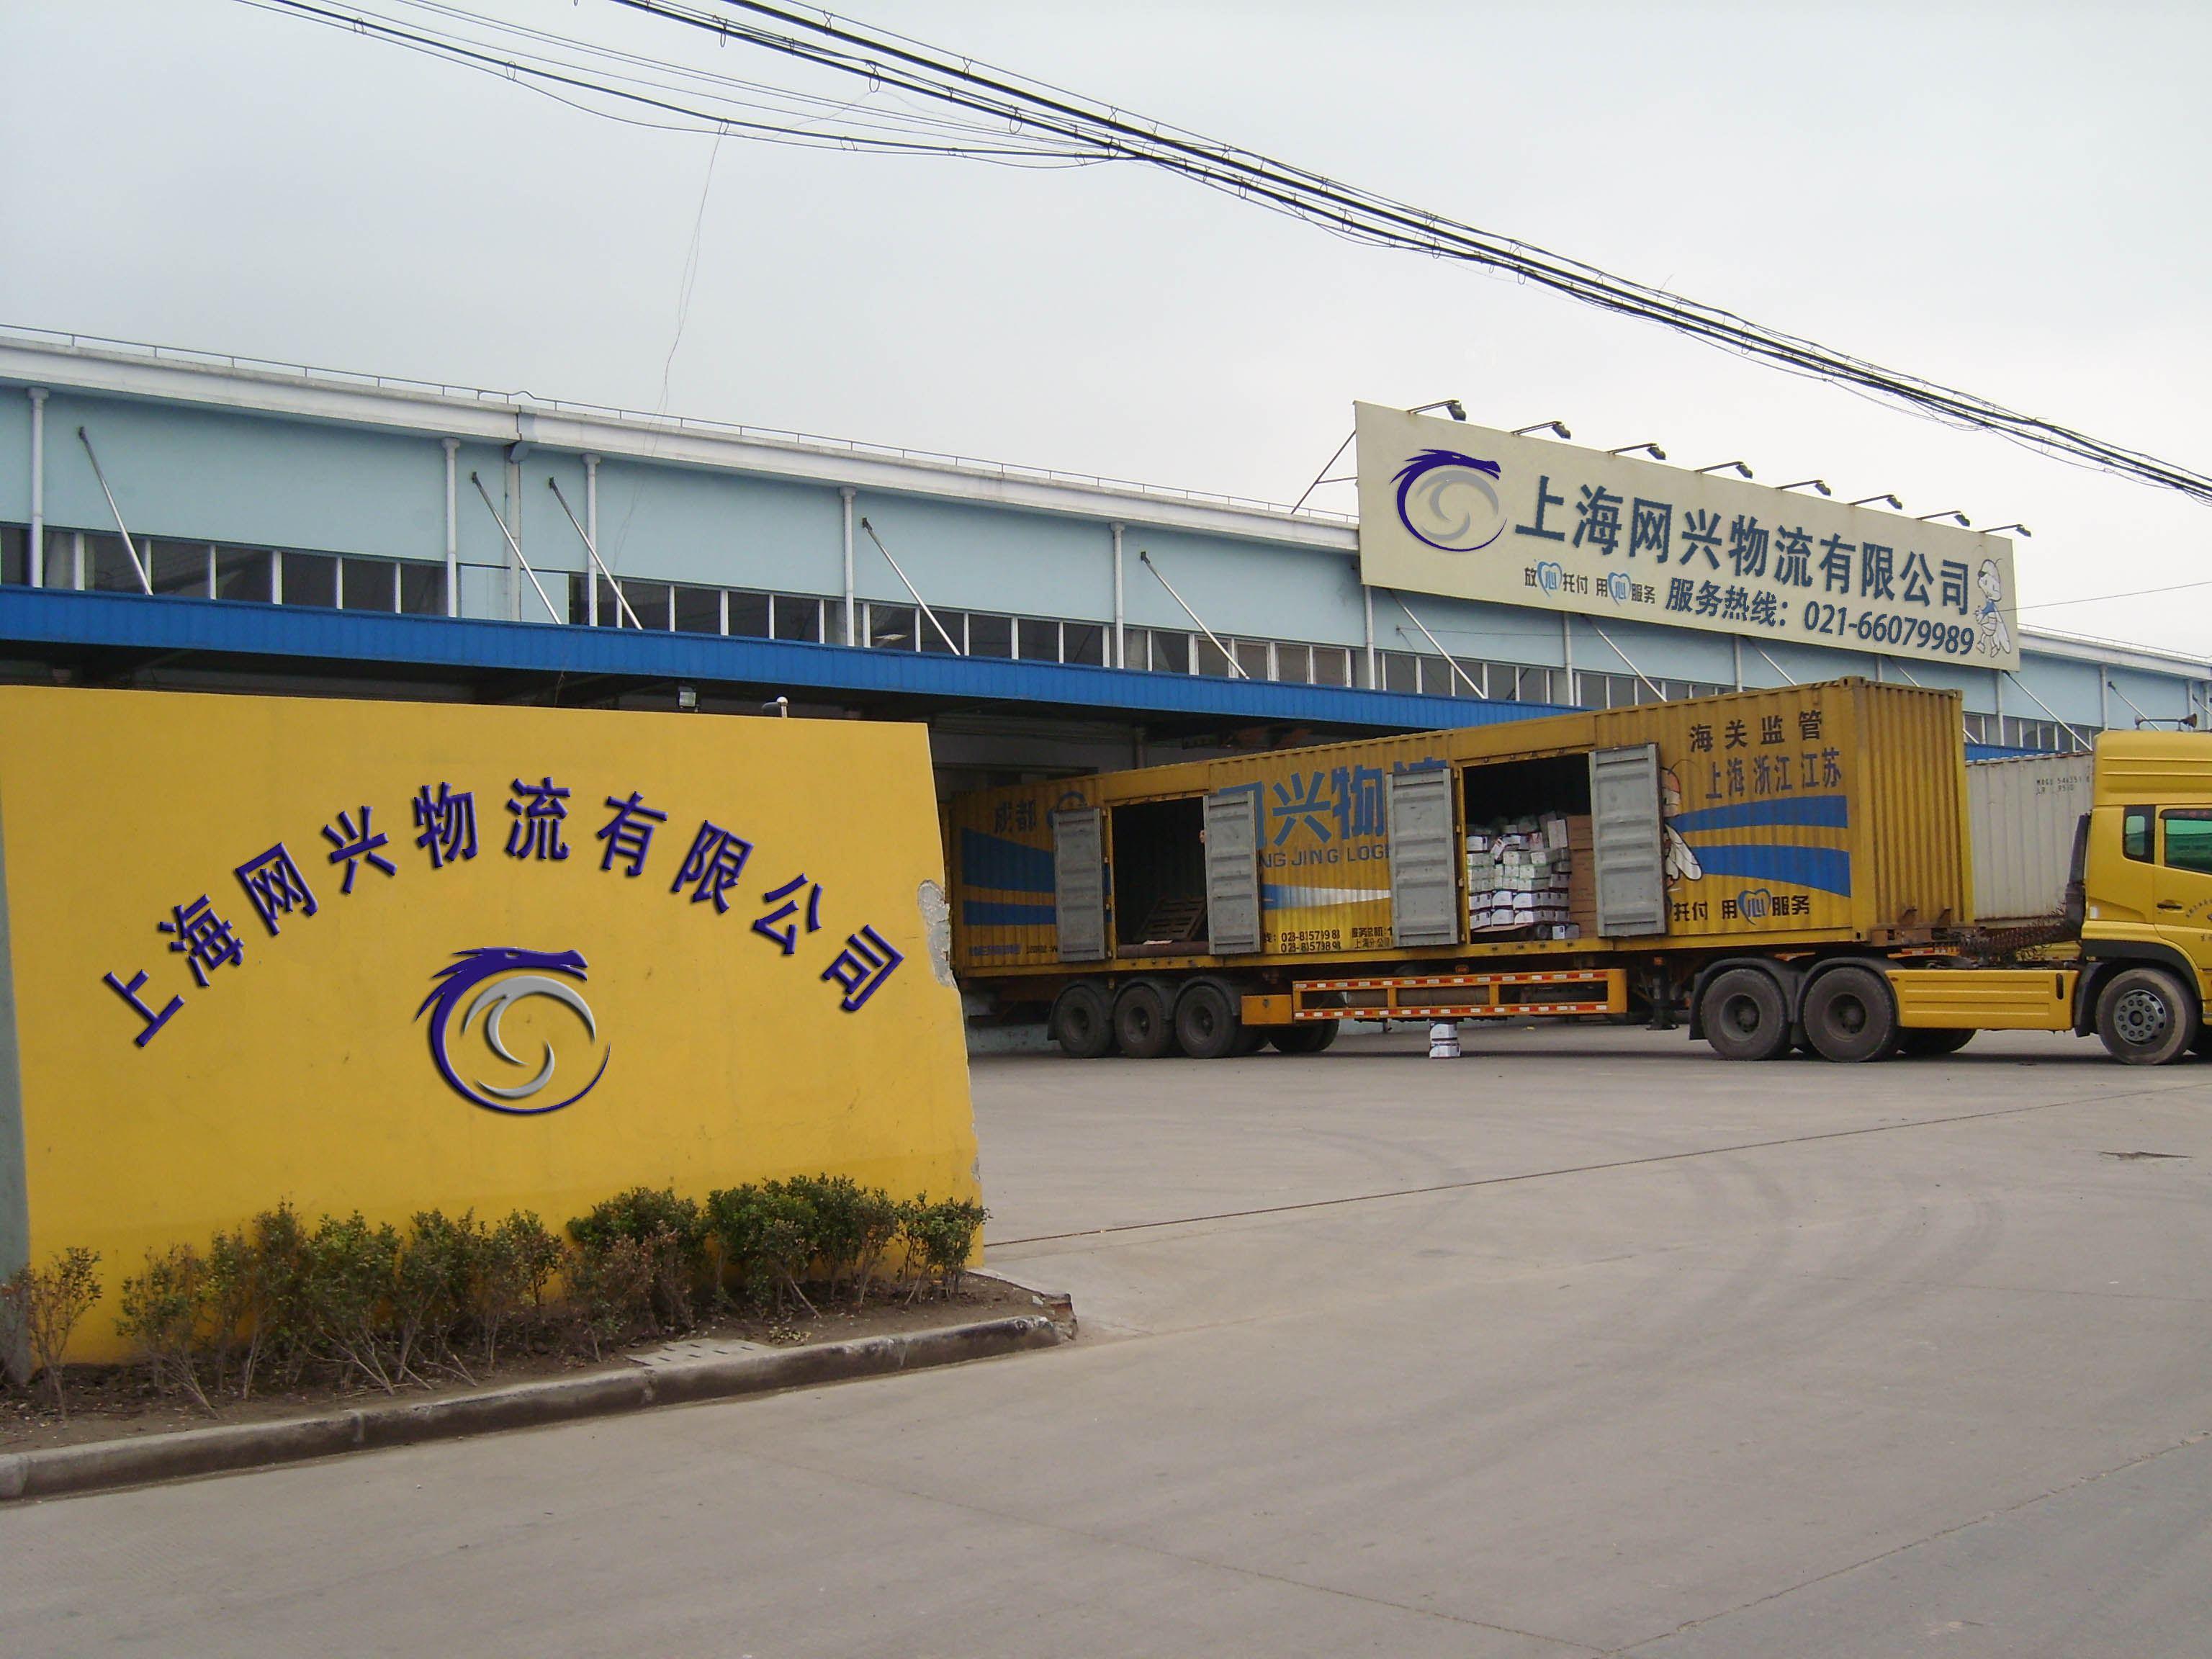 上海到衢州物流专线(上海网兴物流有限公司)